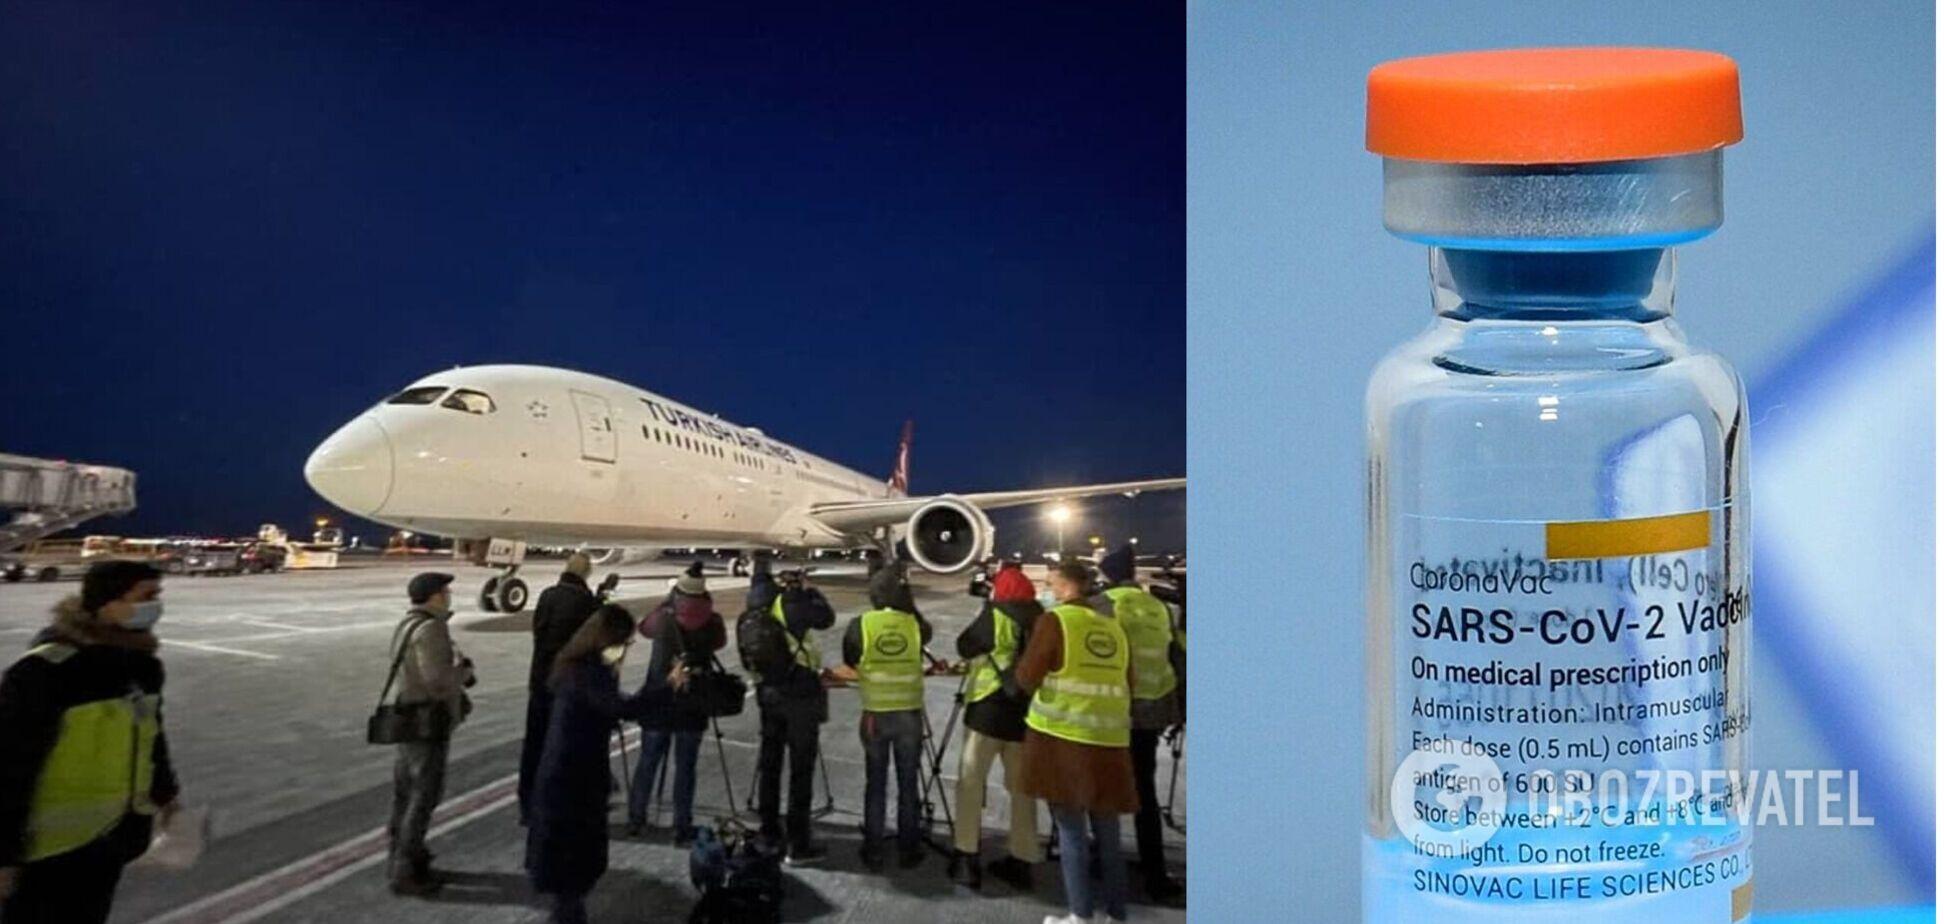 В Украину прибыла вакцина против COVID-19 из Китая. Фото и видео